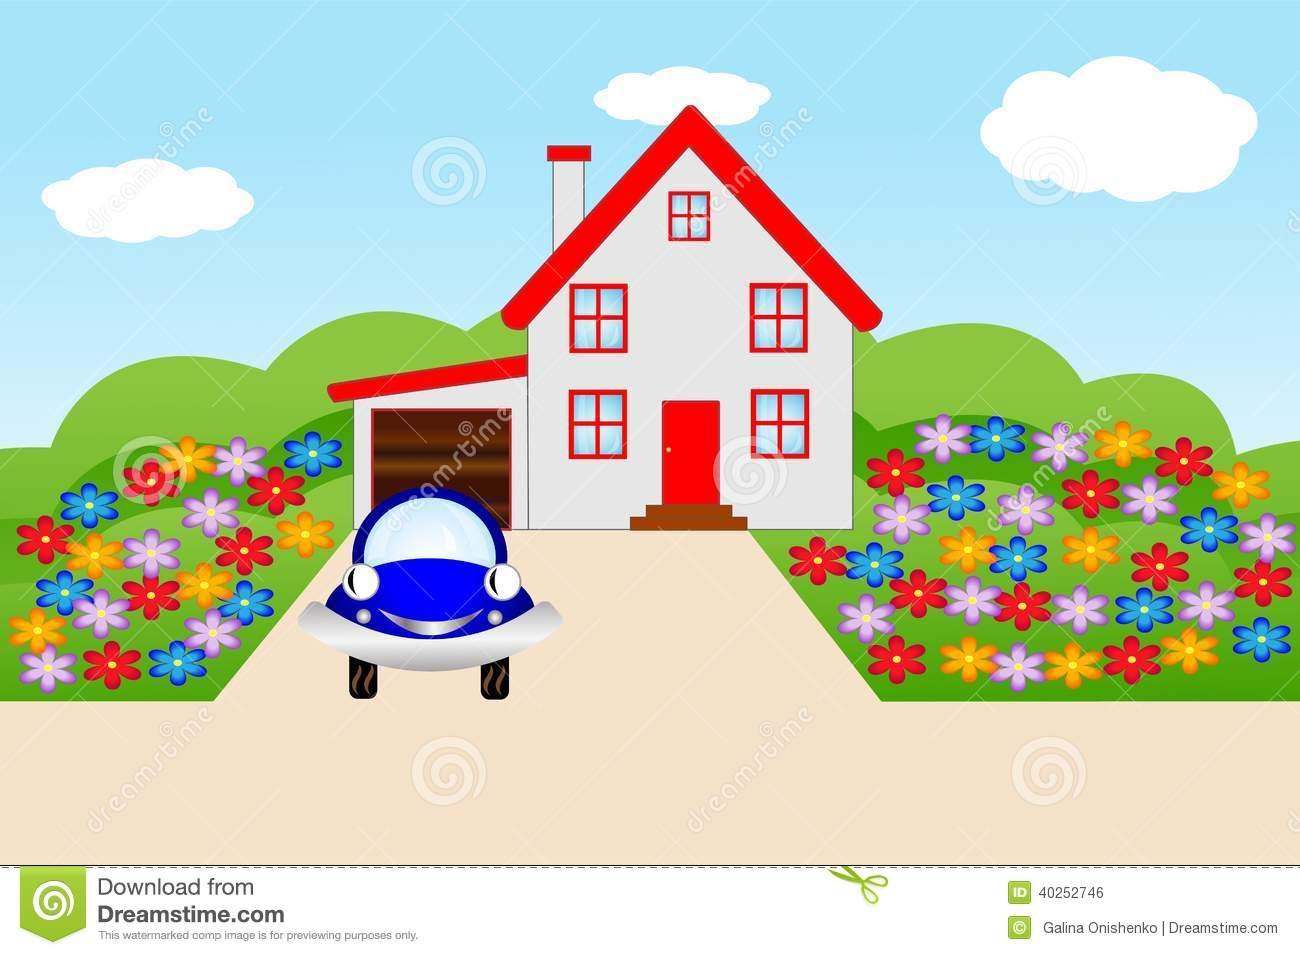 Haus mit garten clipart clip art transparent stock Beautiful House With A Flowering Garden Stock Vector - Image: 40252746 clip art transparent stock